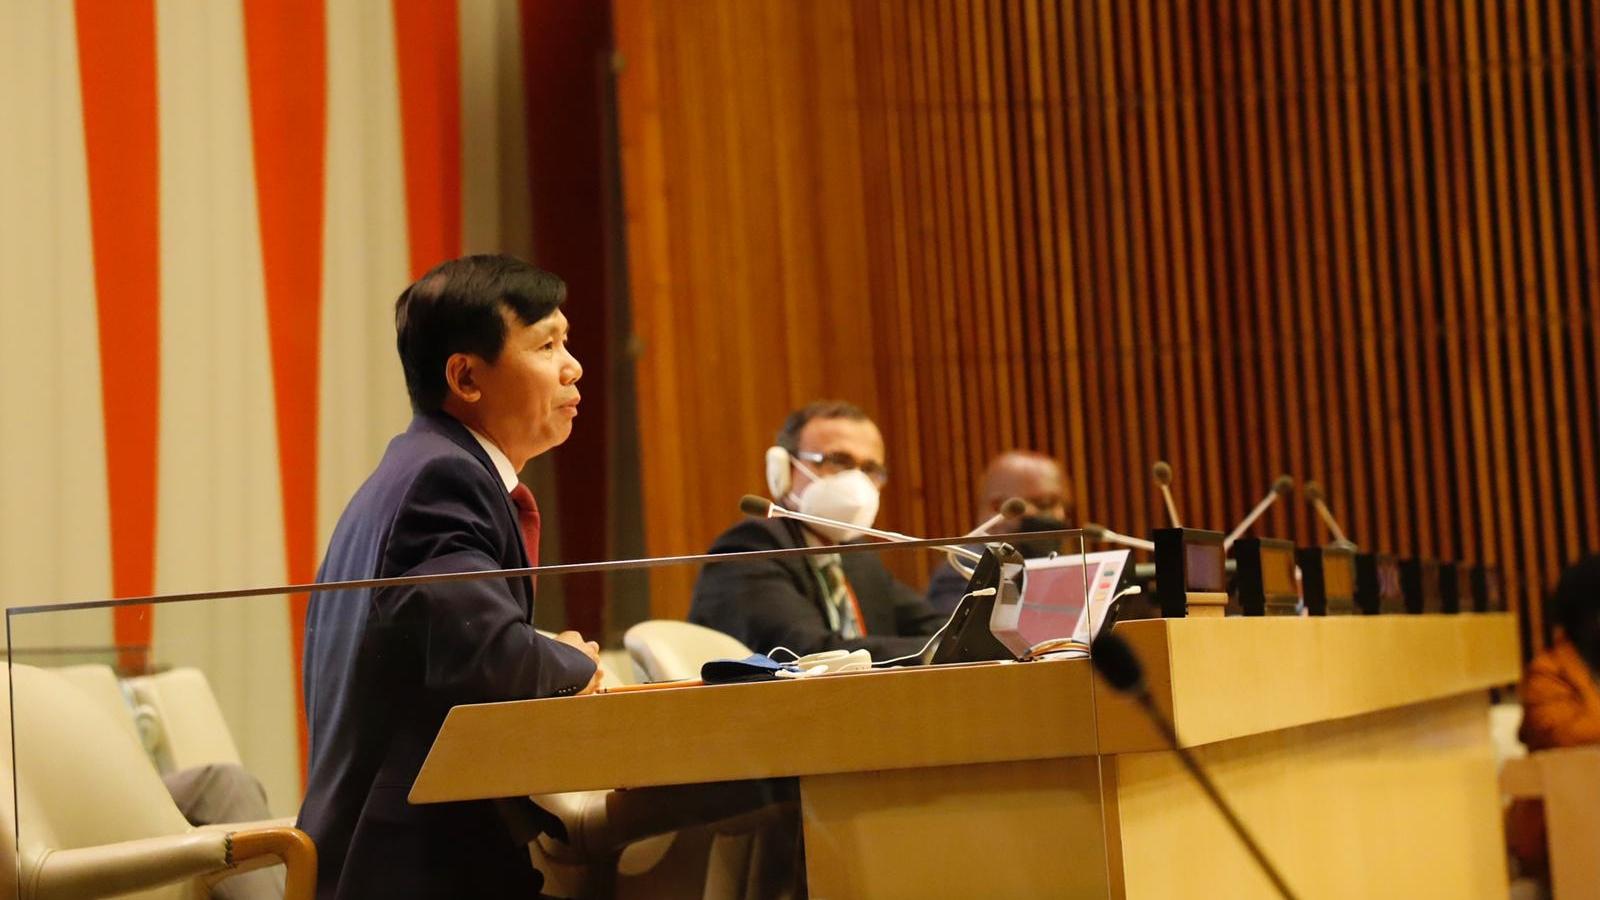 Hội đồng Bảo an LHQ hoàn thành chương trình nghị sự tháng 8 với nhiều kết quả cụ thể